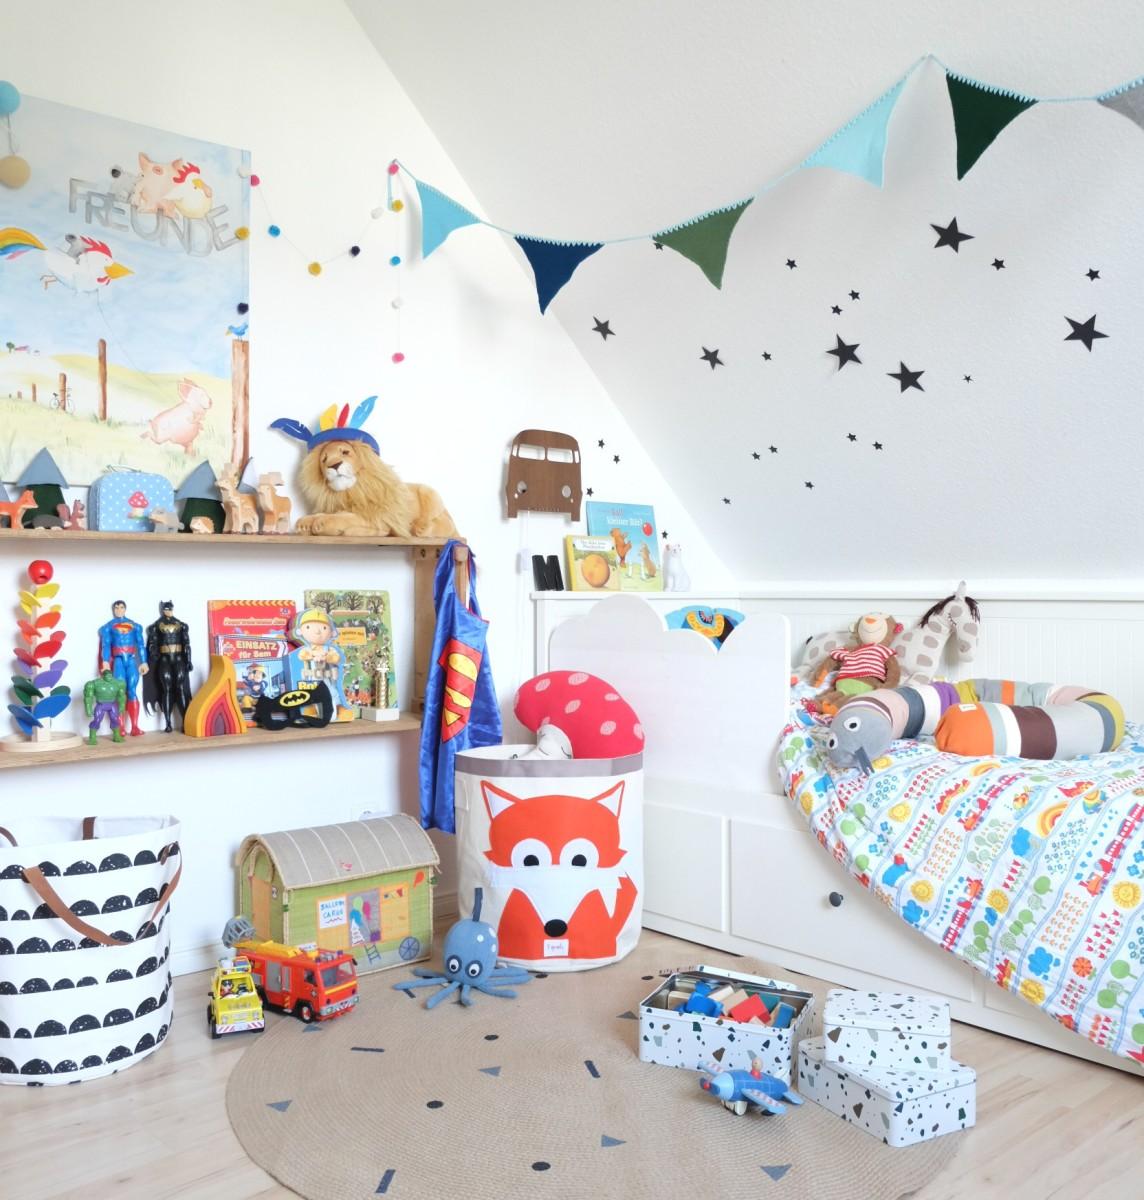 Werbung / Kinderzimmer Styling - Dekorieren mit viel Platz für Fantasie und ein Wolkenrausfallschutz DIY